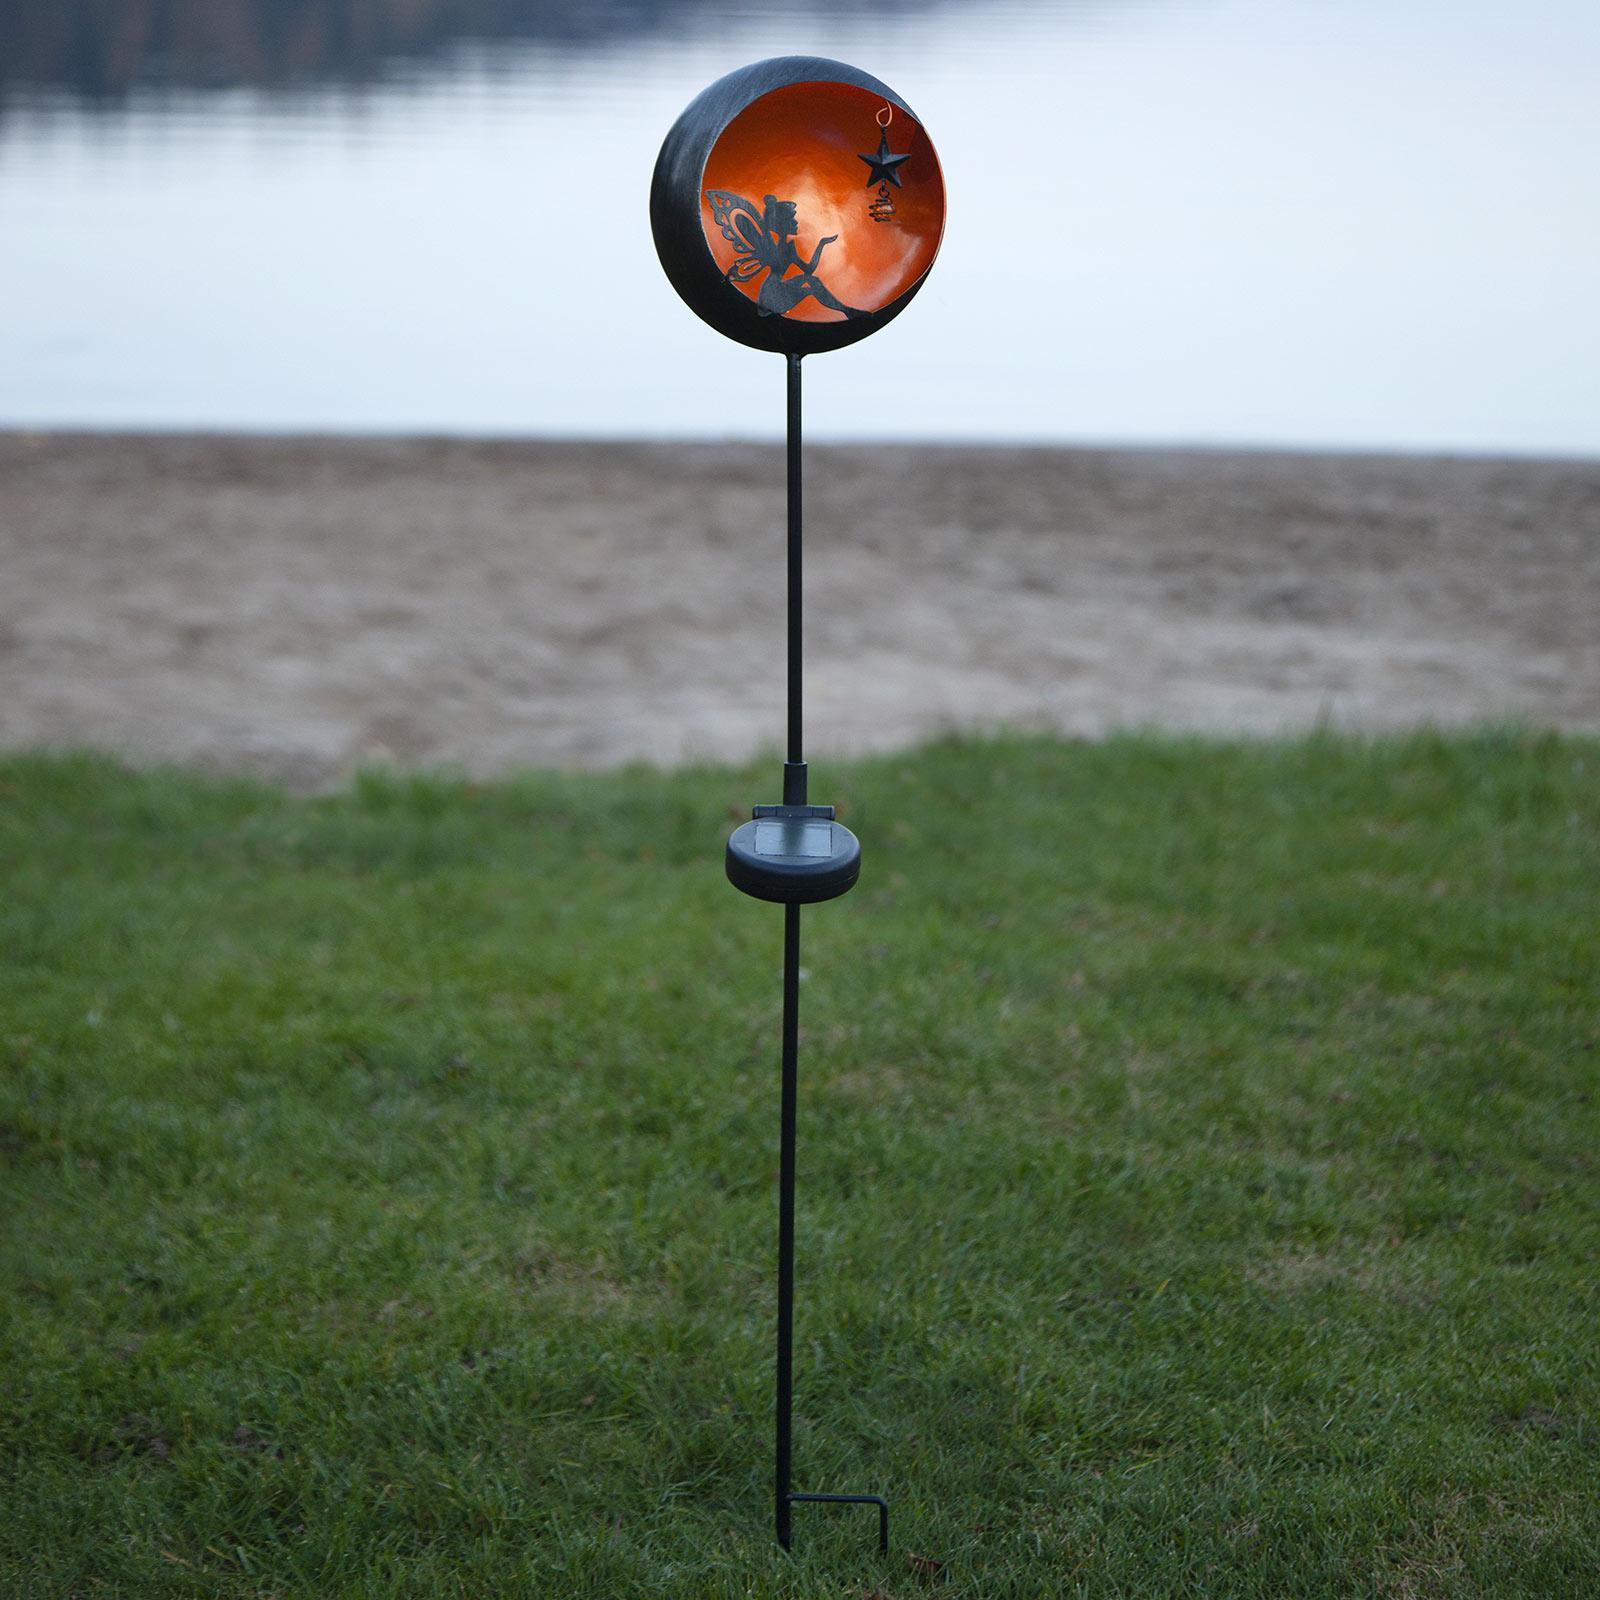 LED-solcellelampe Fairytale, oransje